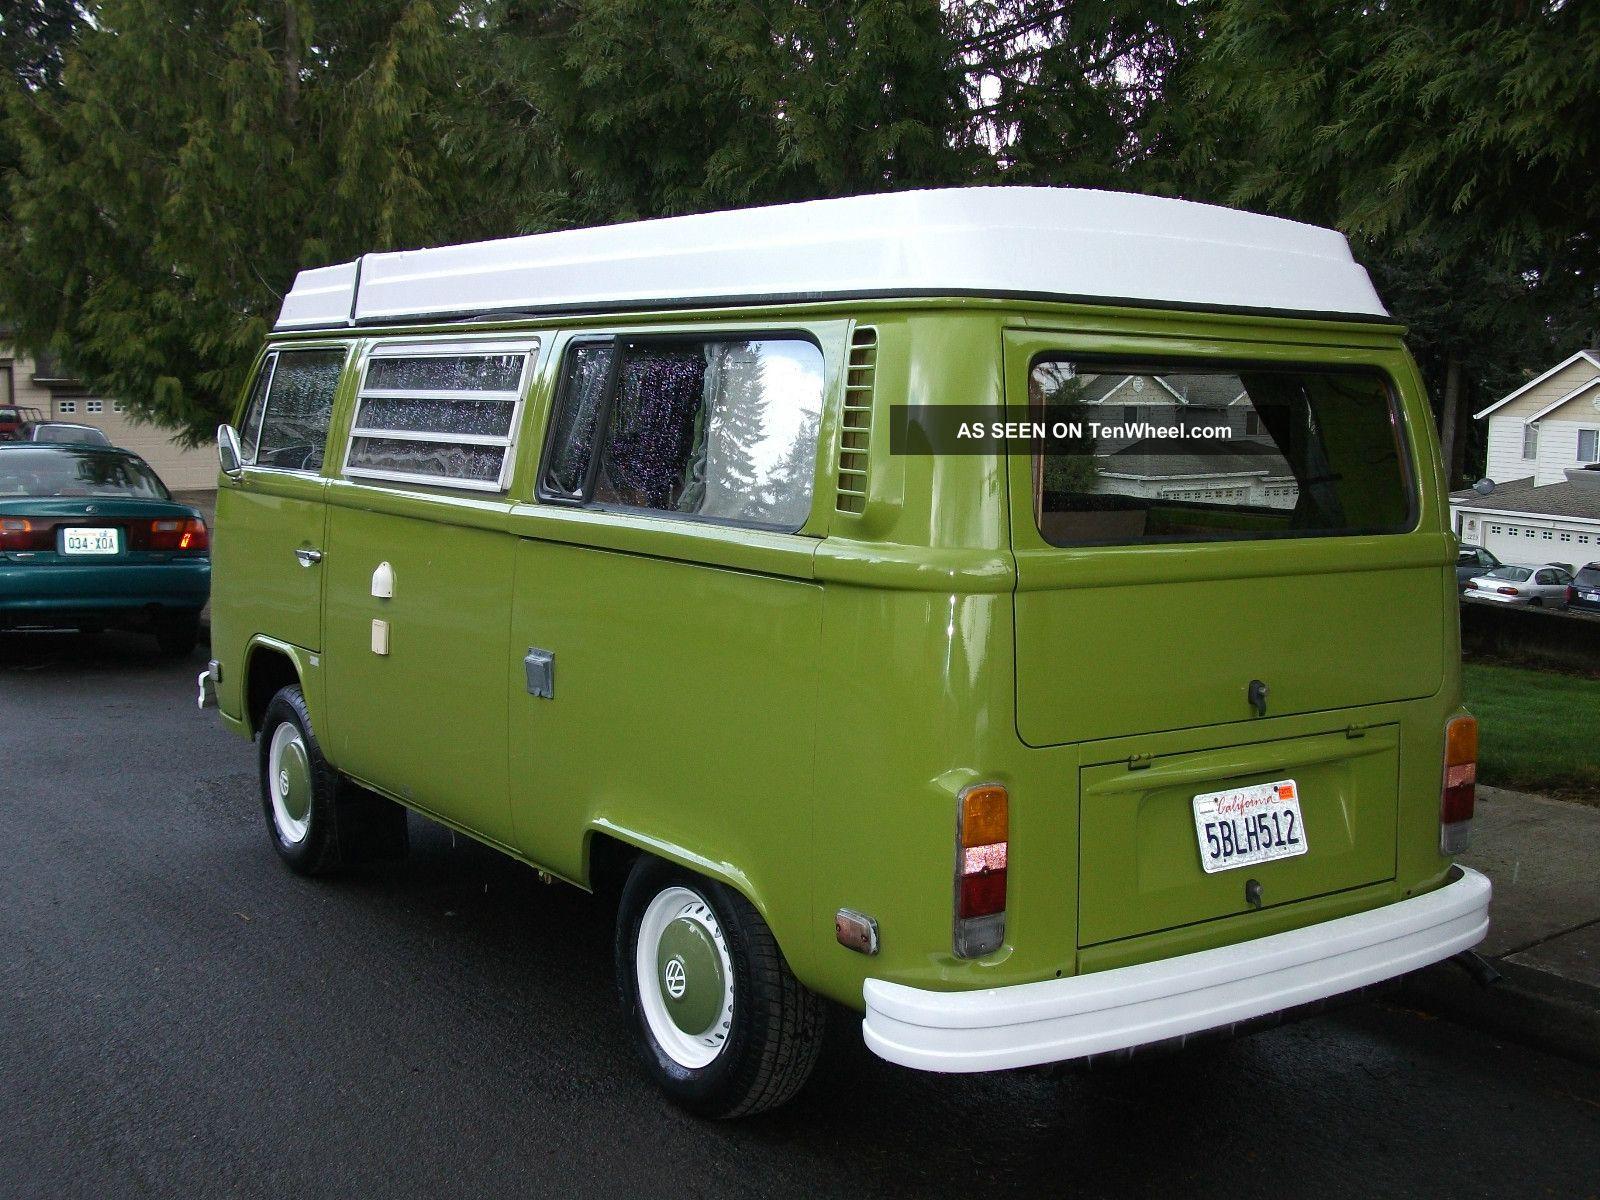 1976 volkswagen bus westfalia camper edition. Black Bedroom Furniture Sets. Home Design Ideas